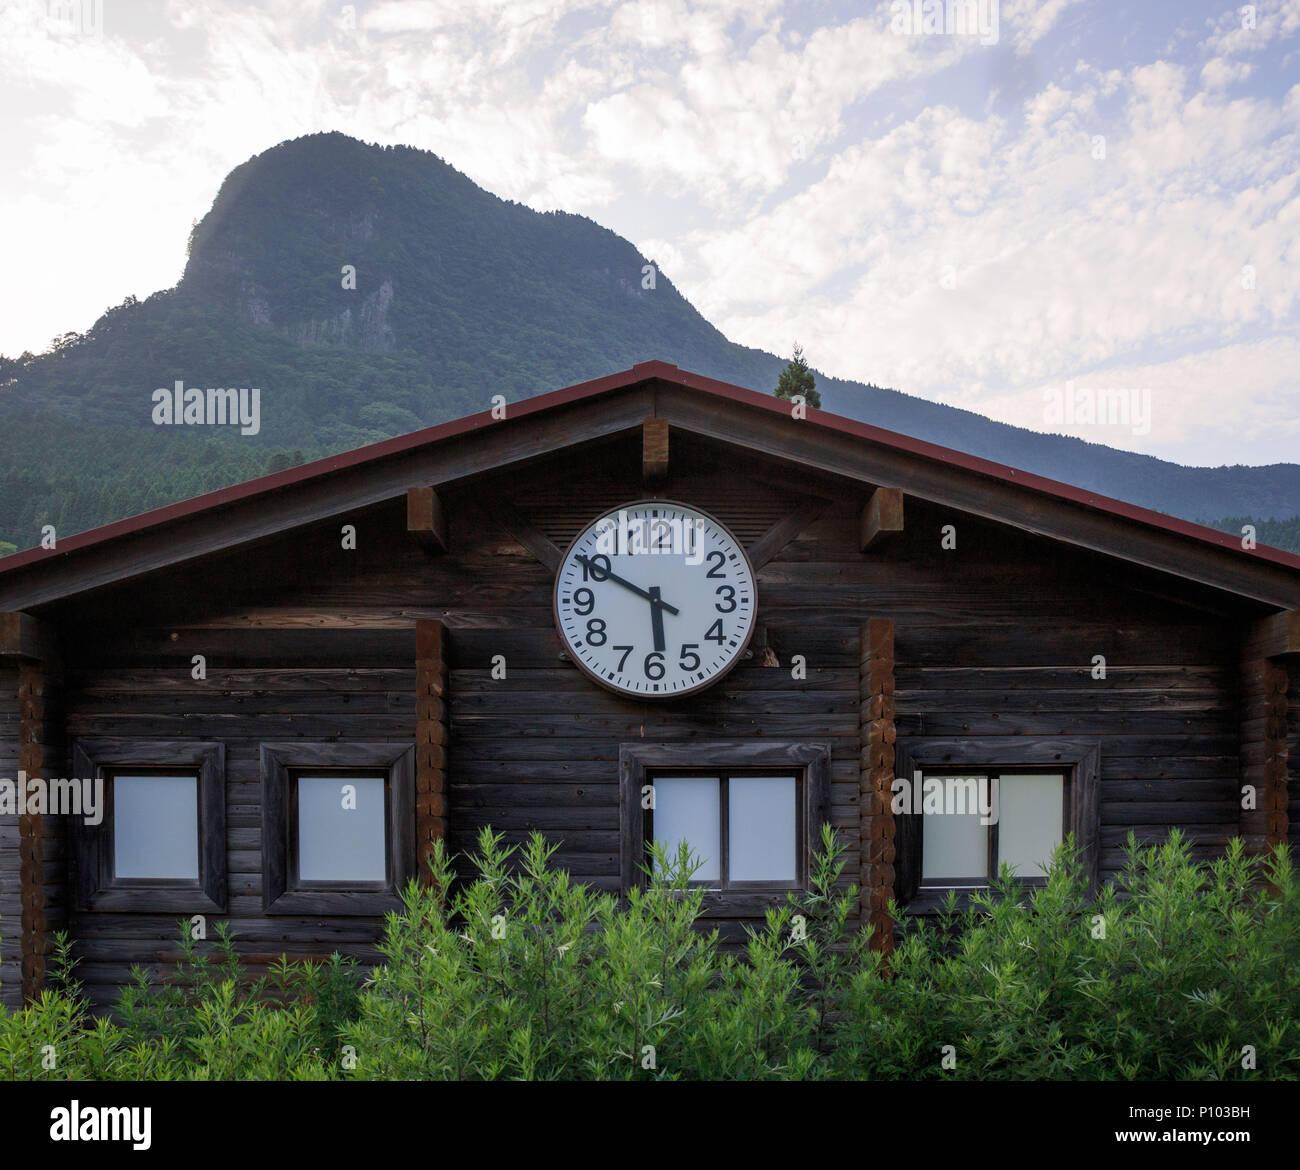 dad05f646 Gran reloj pequeño edificio de madera en la parte delantera de alta montaña  en el momento de la 5:50 de la tarde